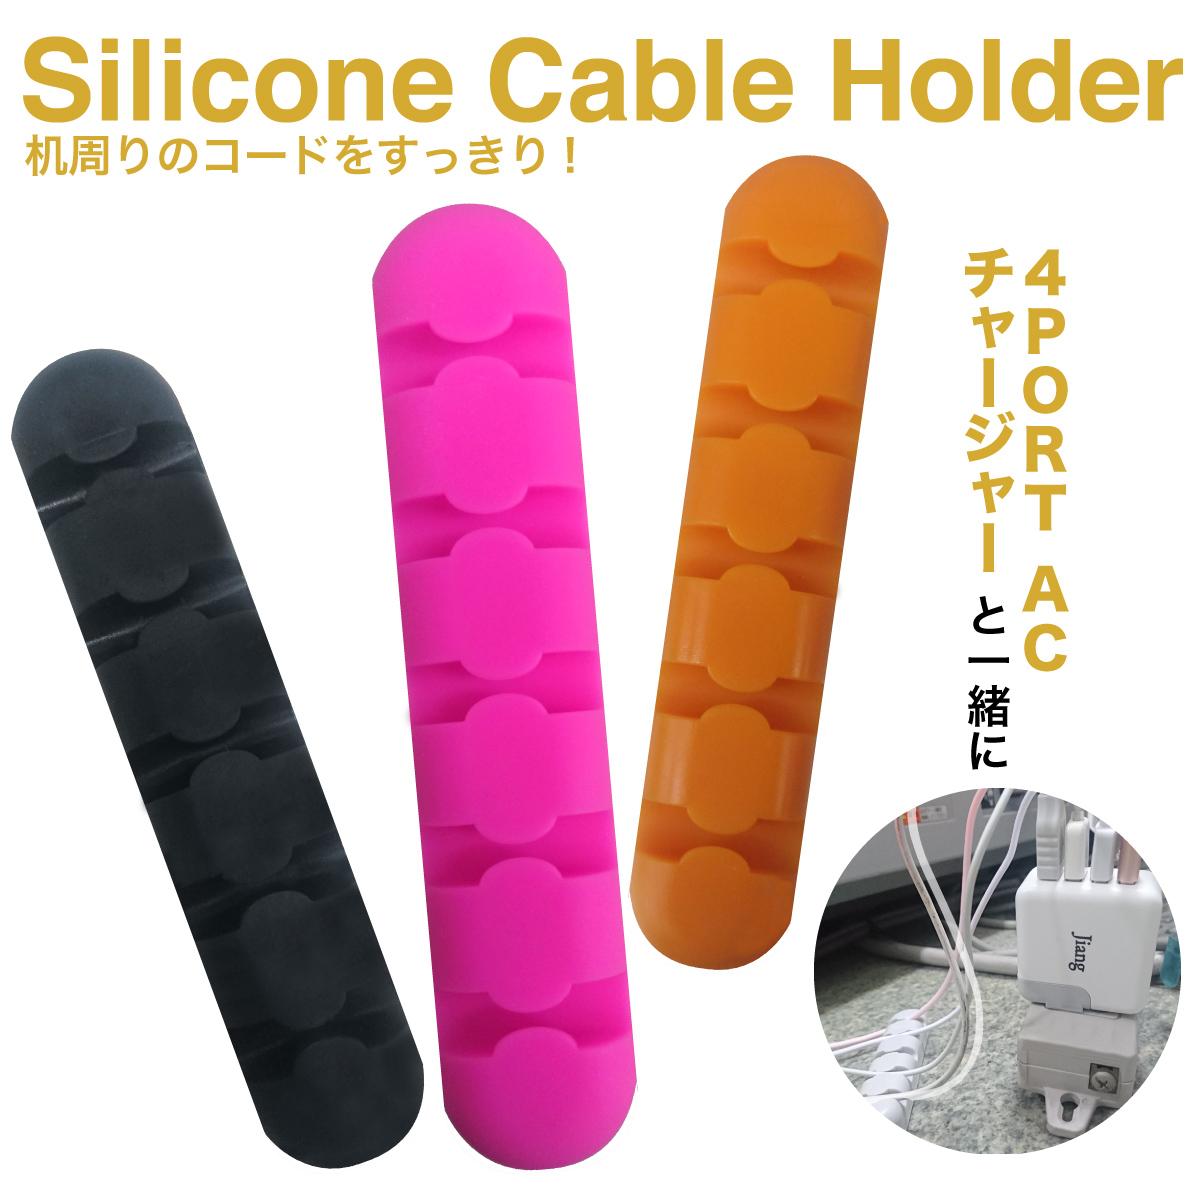 4ポートUSBアダプターに便利なケーブルホルダー ケーブルホルダー ケーブル 5本ホルダー クリップ シリコン 収納 両面テープ cable-holder